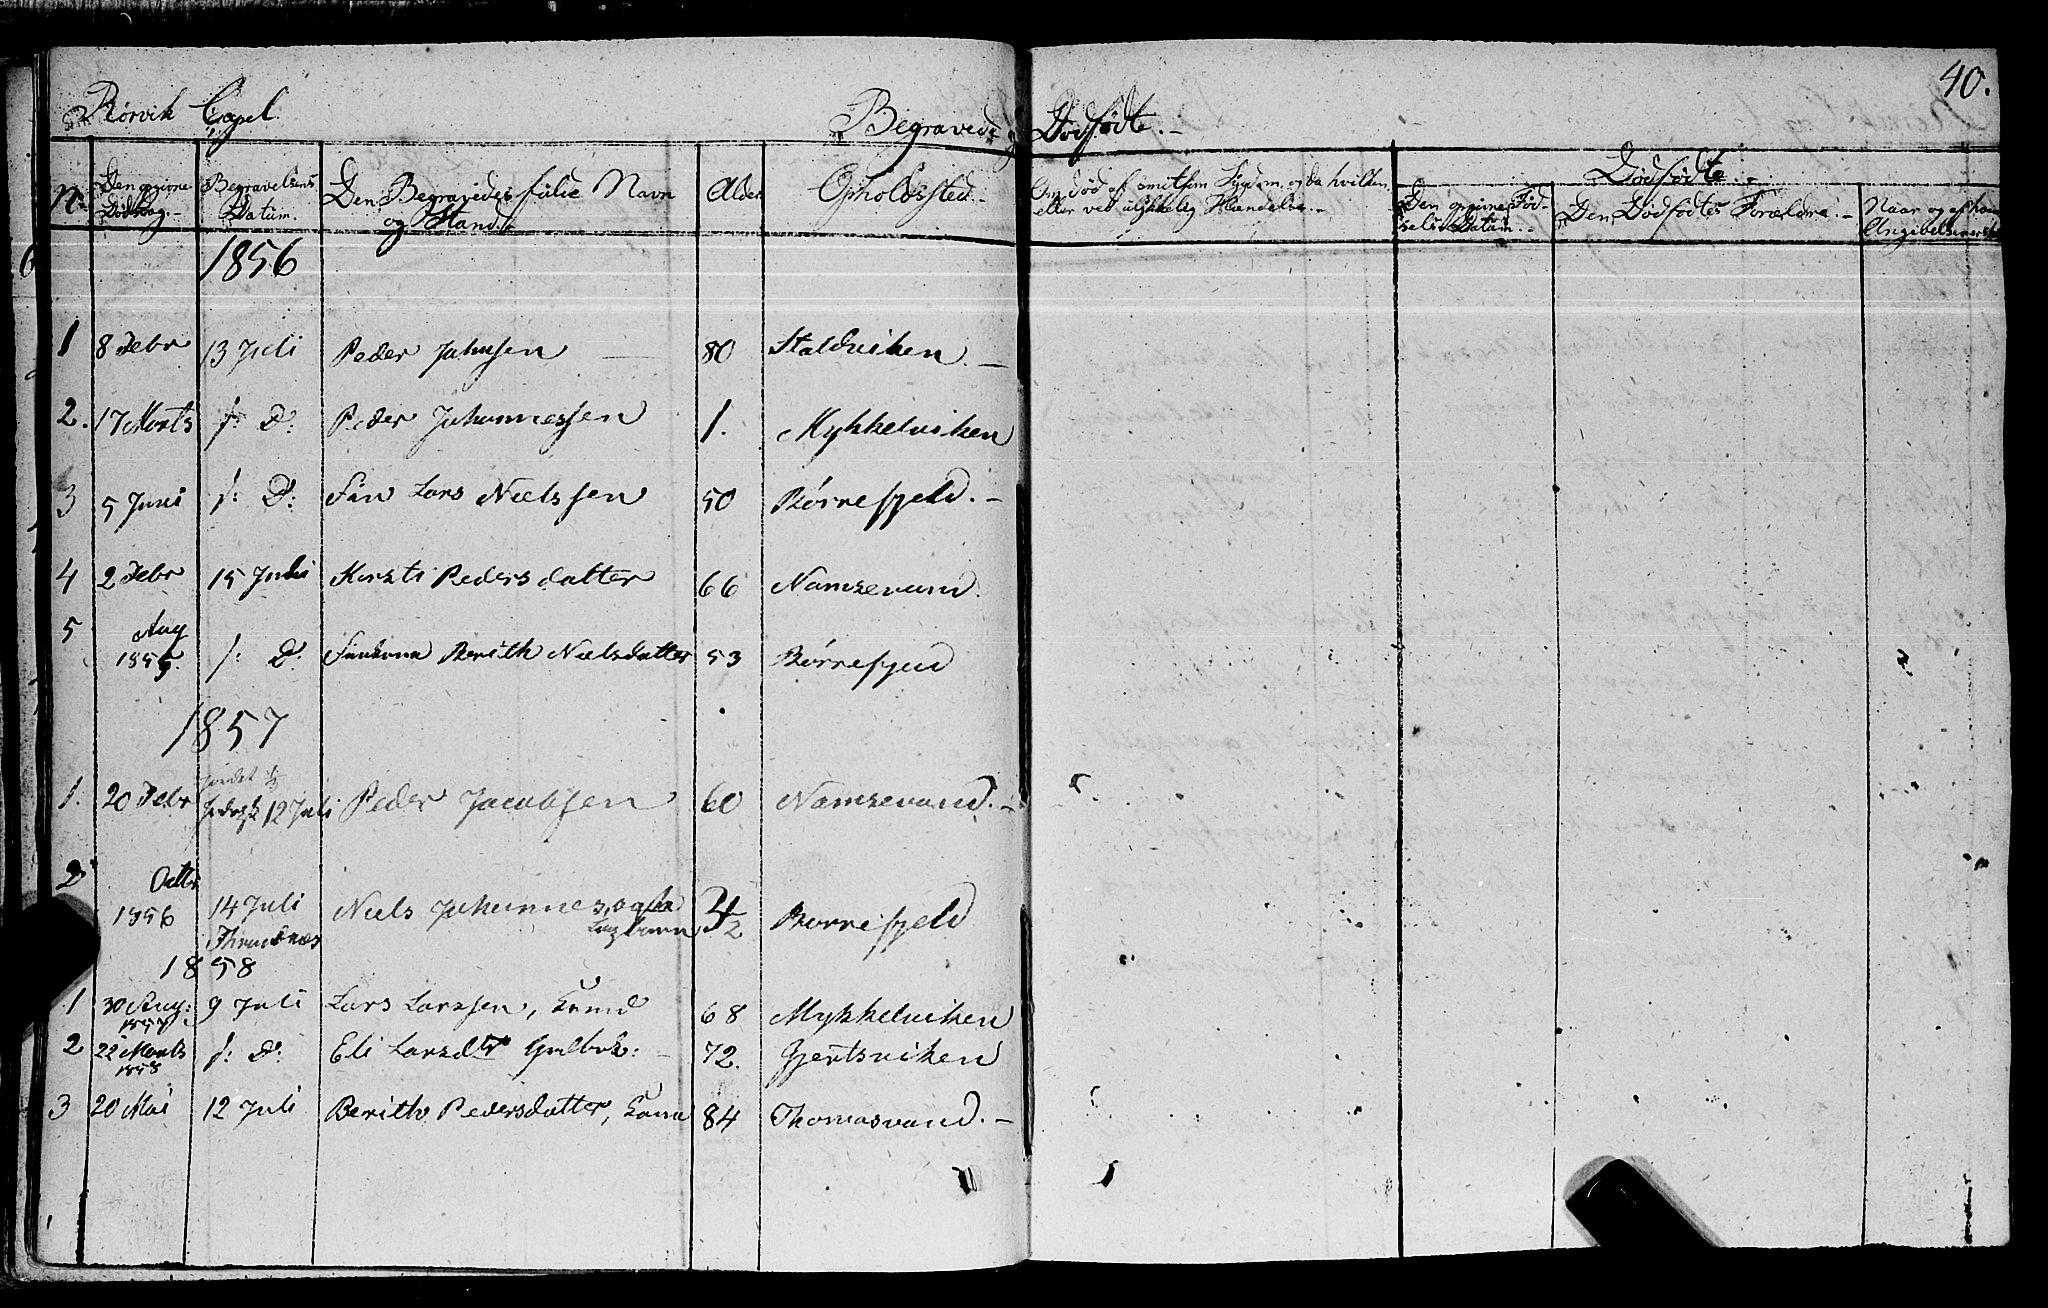 SAT, Ministerialprotokoller, klokkerbøker og fødselsregistre - Nord-Trøndelag, 762/L0538: Ministerialbok nr. 762A02 /1, 1833-1879, s. 40